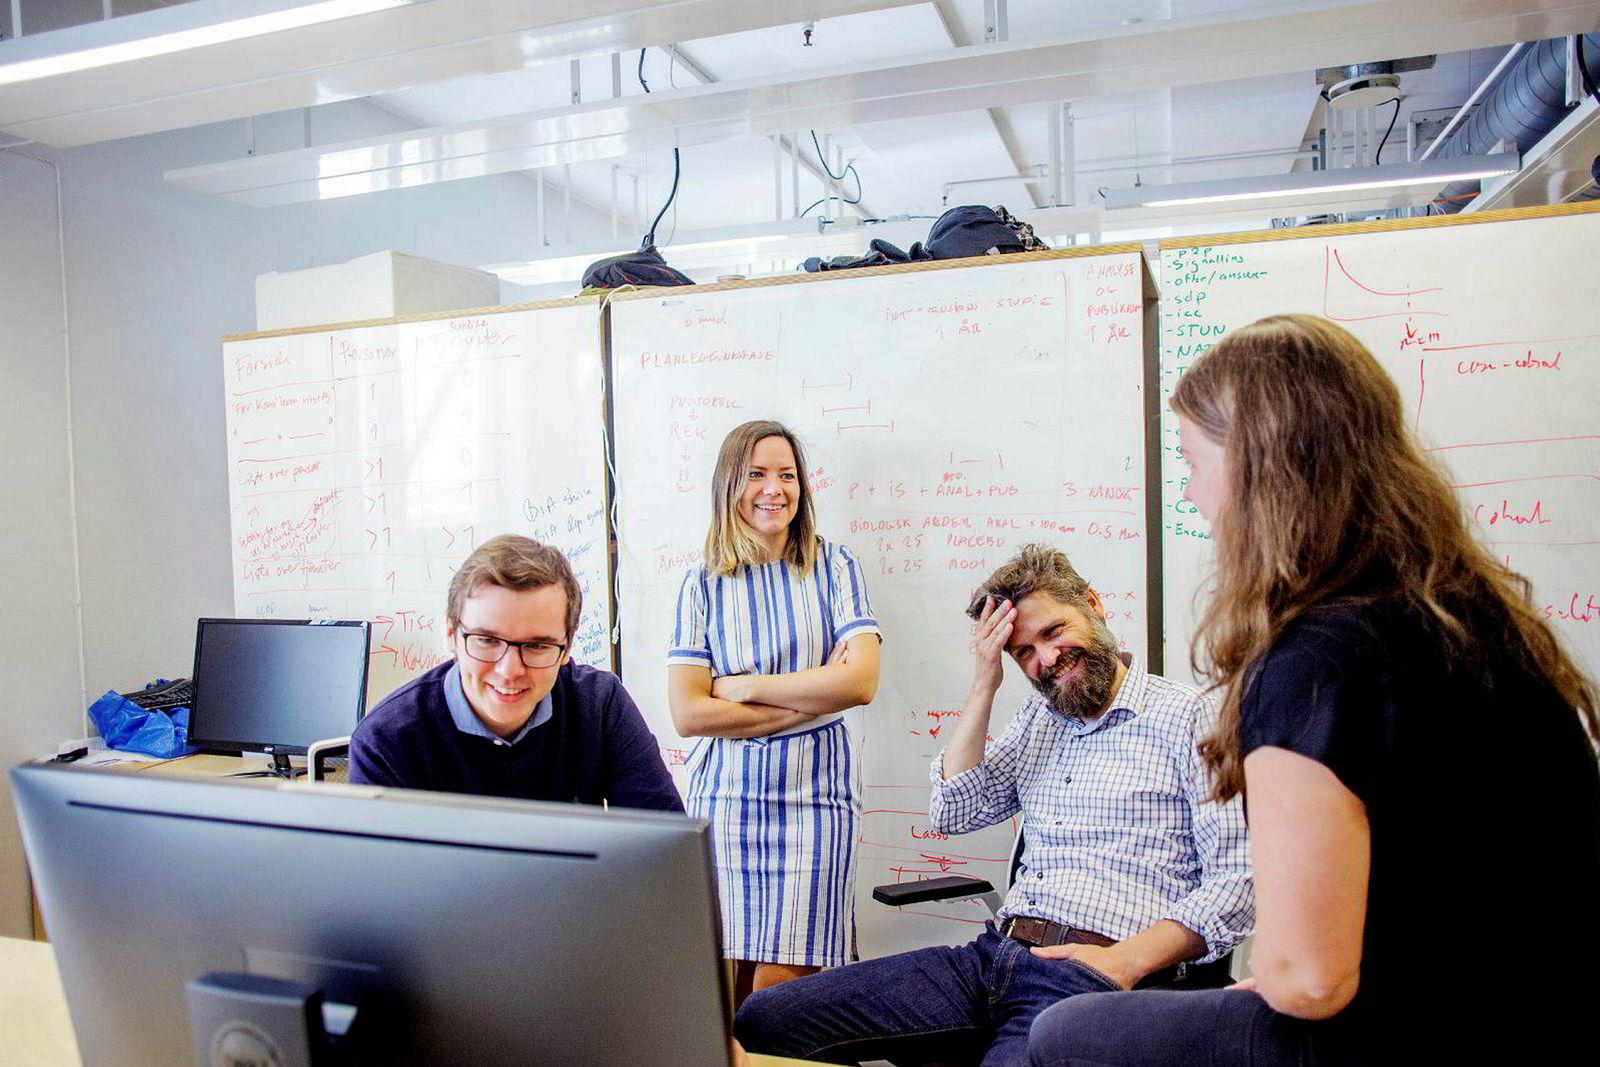 Confrere representert ved (fra venstre) Dag-Inge Aas, medgründer og teknologisjef, Ida Aalen, medgründer og produktsjef, Svein Willassen, medgründer og administrerende direktør, Ingvild Indrebø, ingeniør og ansatt nummer én.